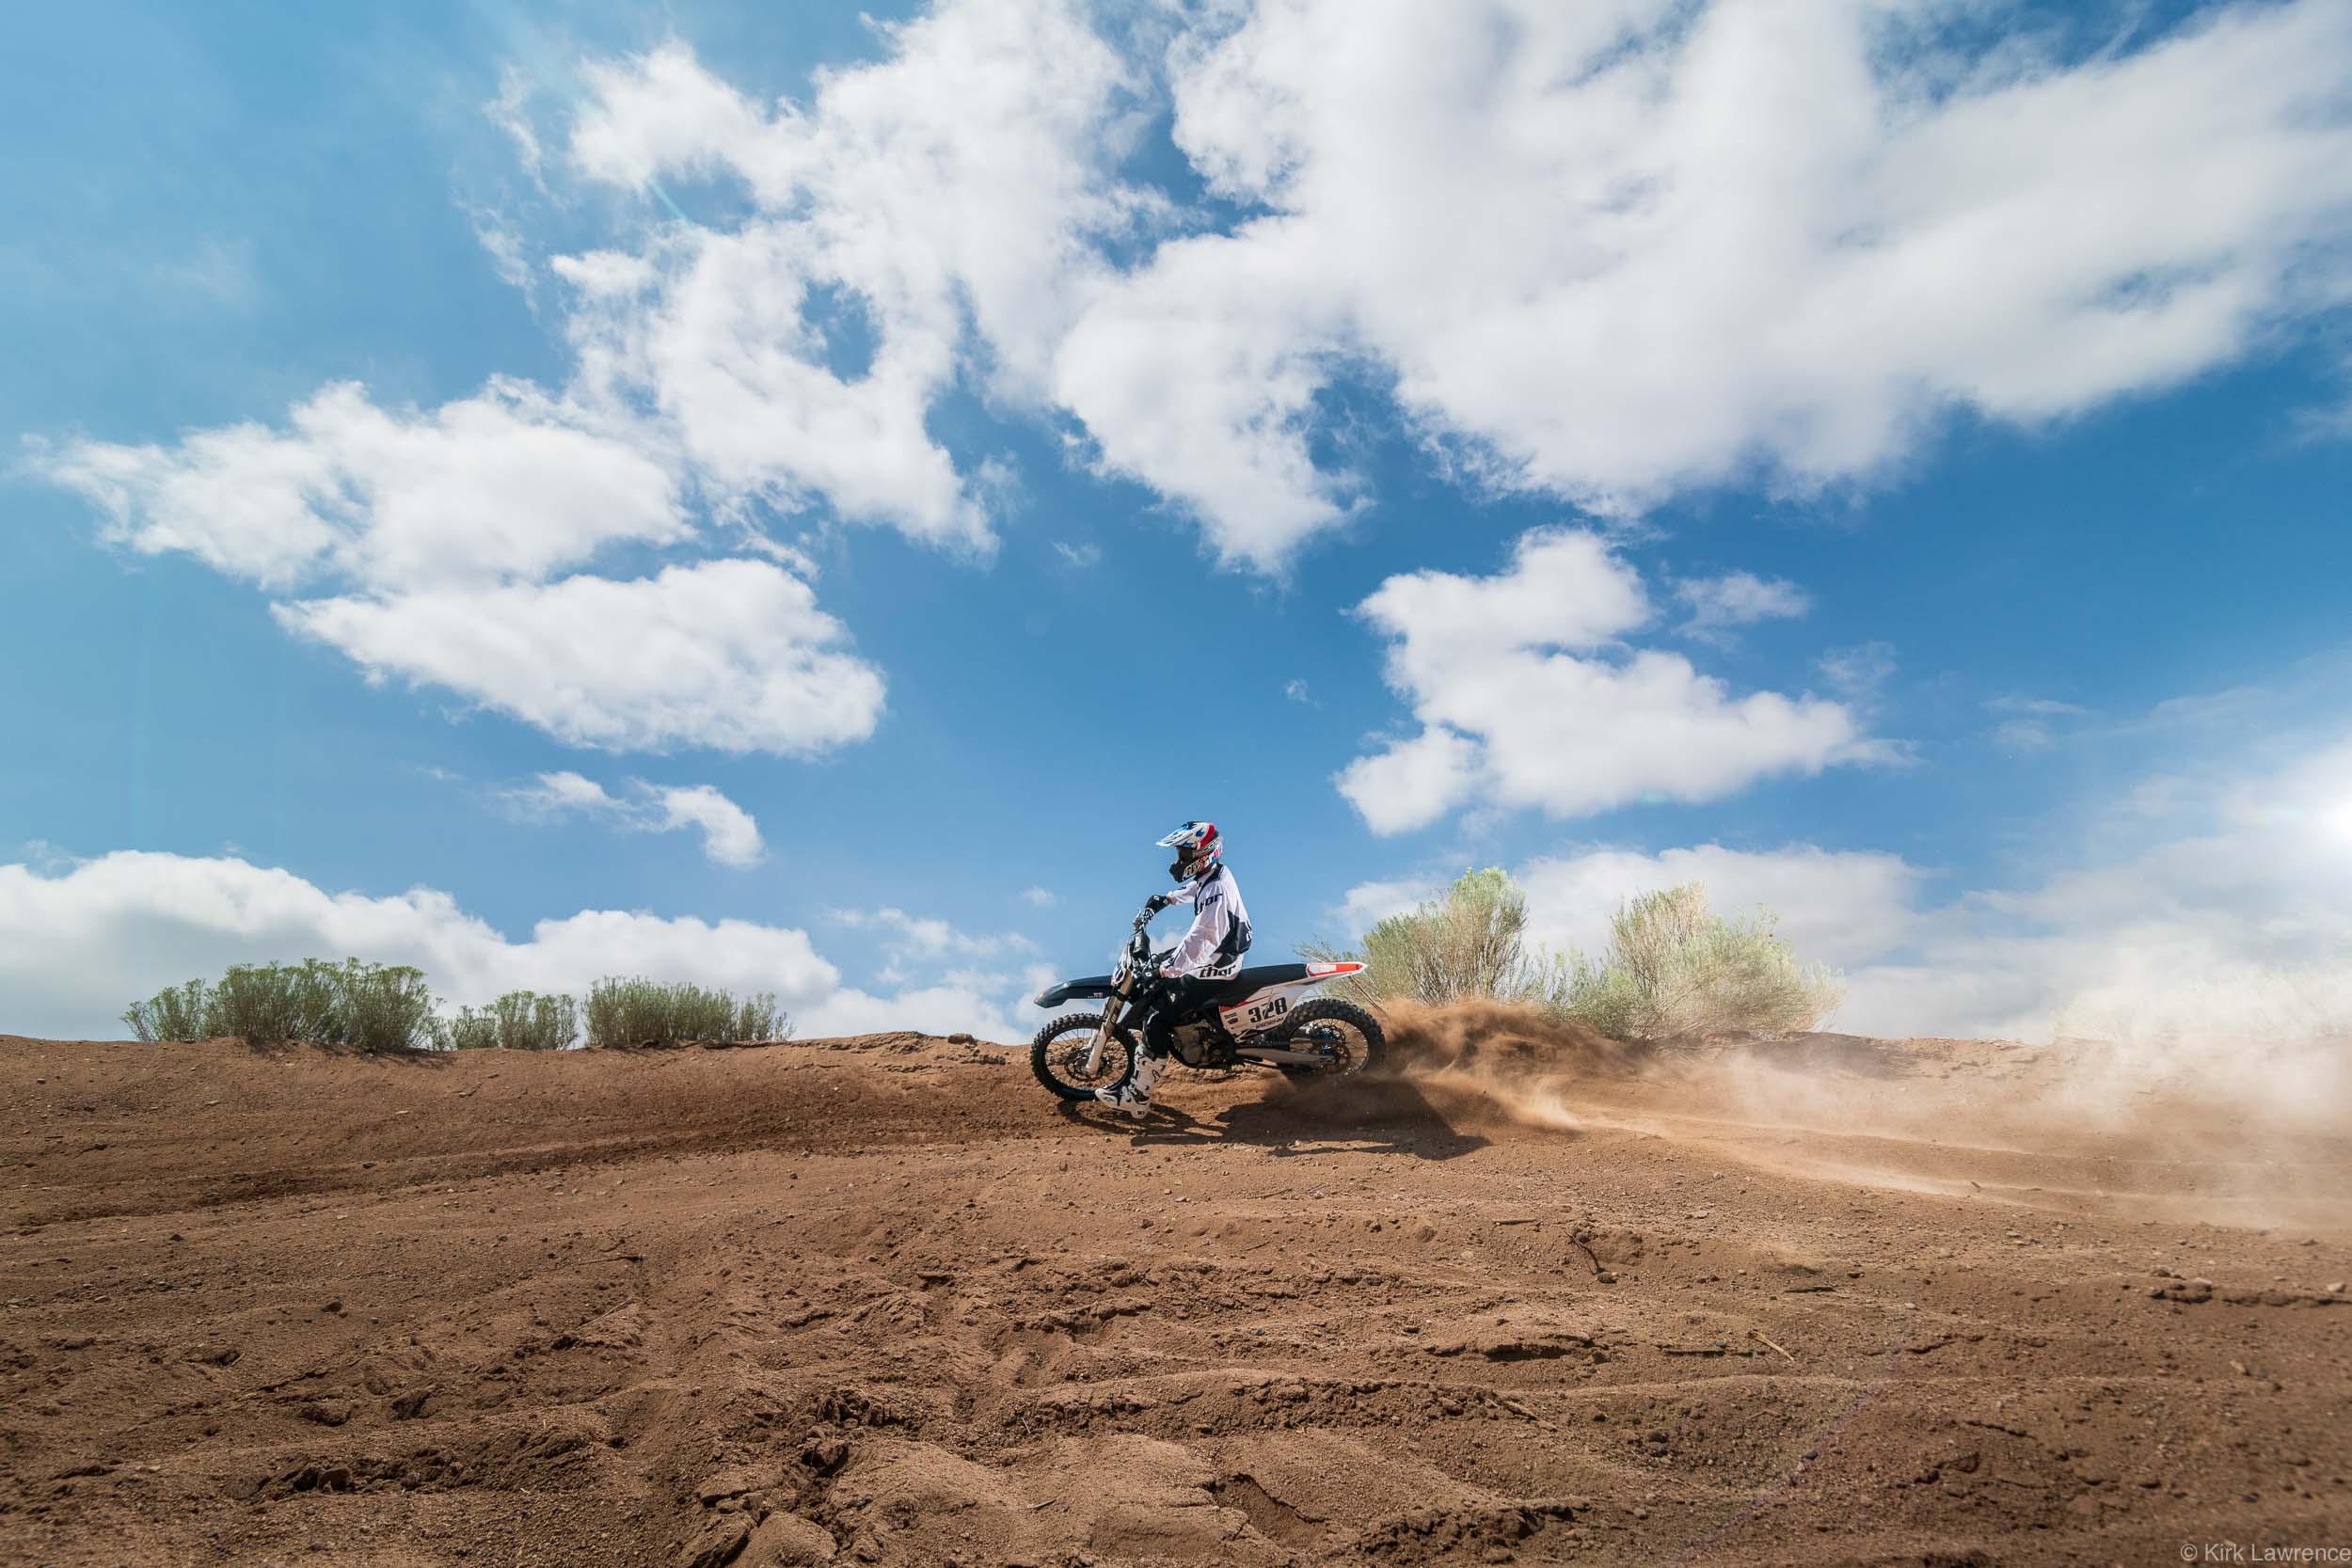 Santa_Fe_New_Mexico_motocross_rider.jpg